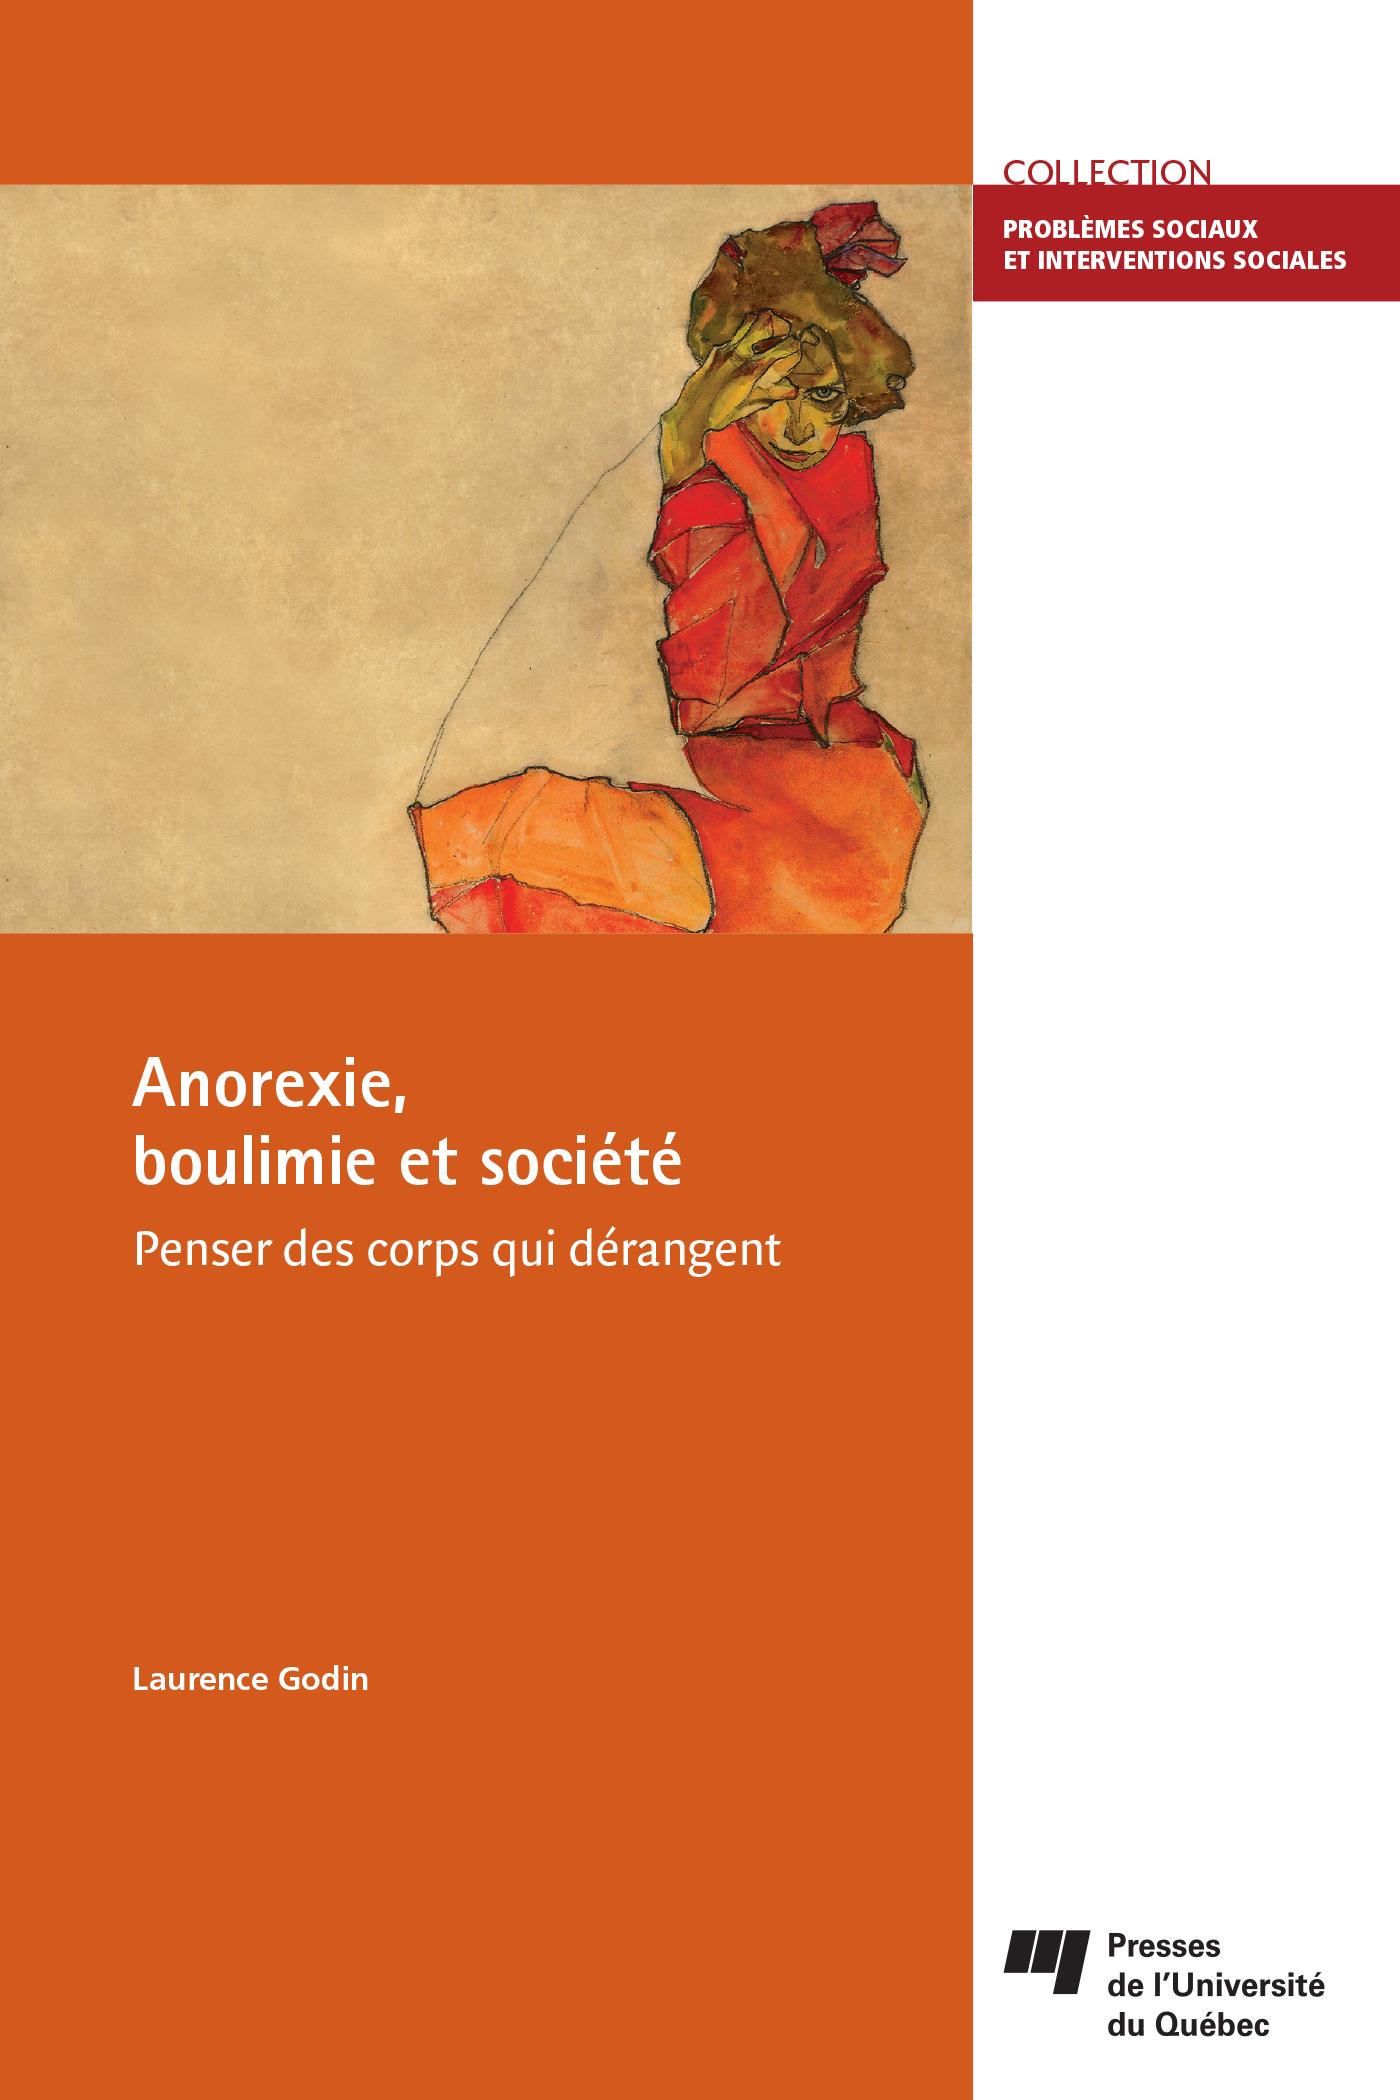 Anorexie, boulimie et société